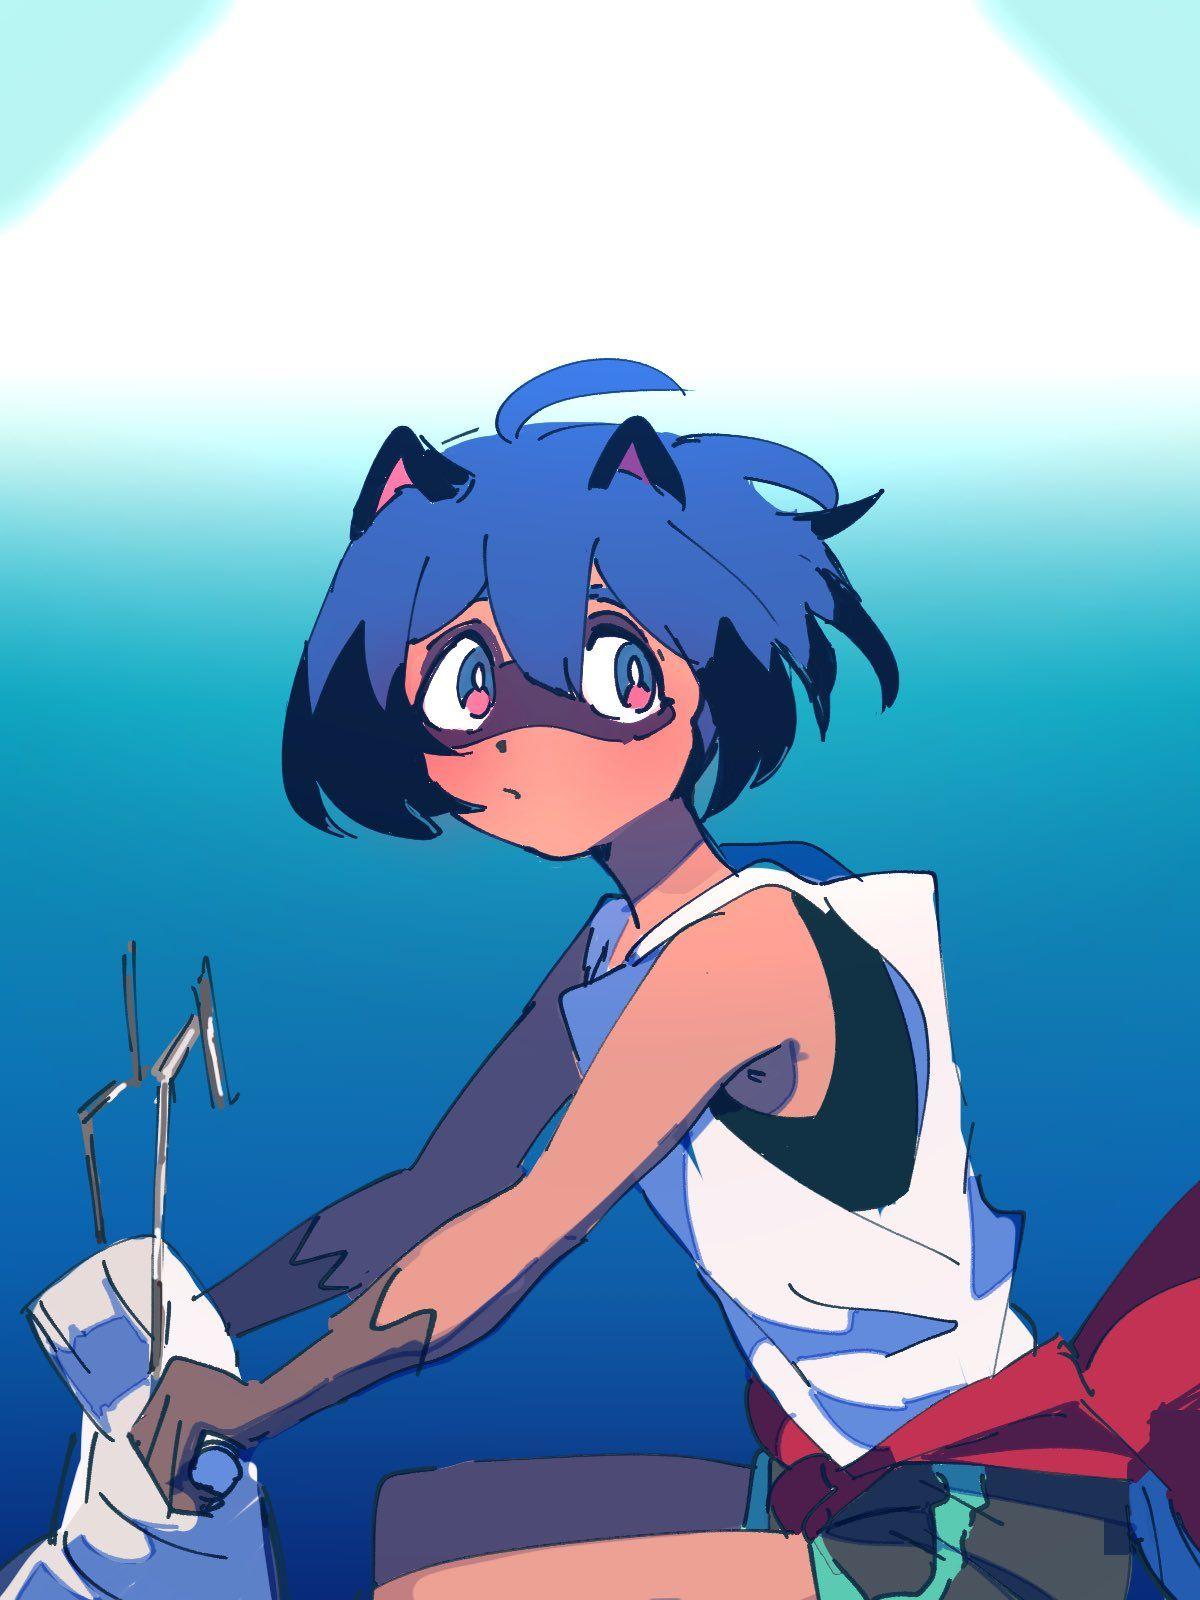 いよかん on Twitter in 2020 Anime maid, Anime, Furry